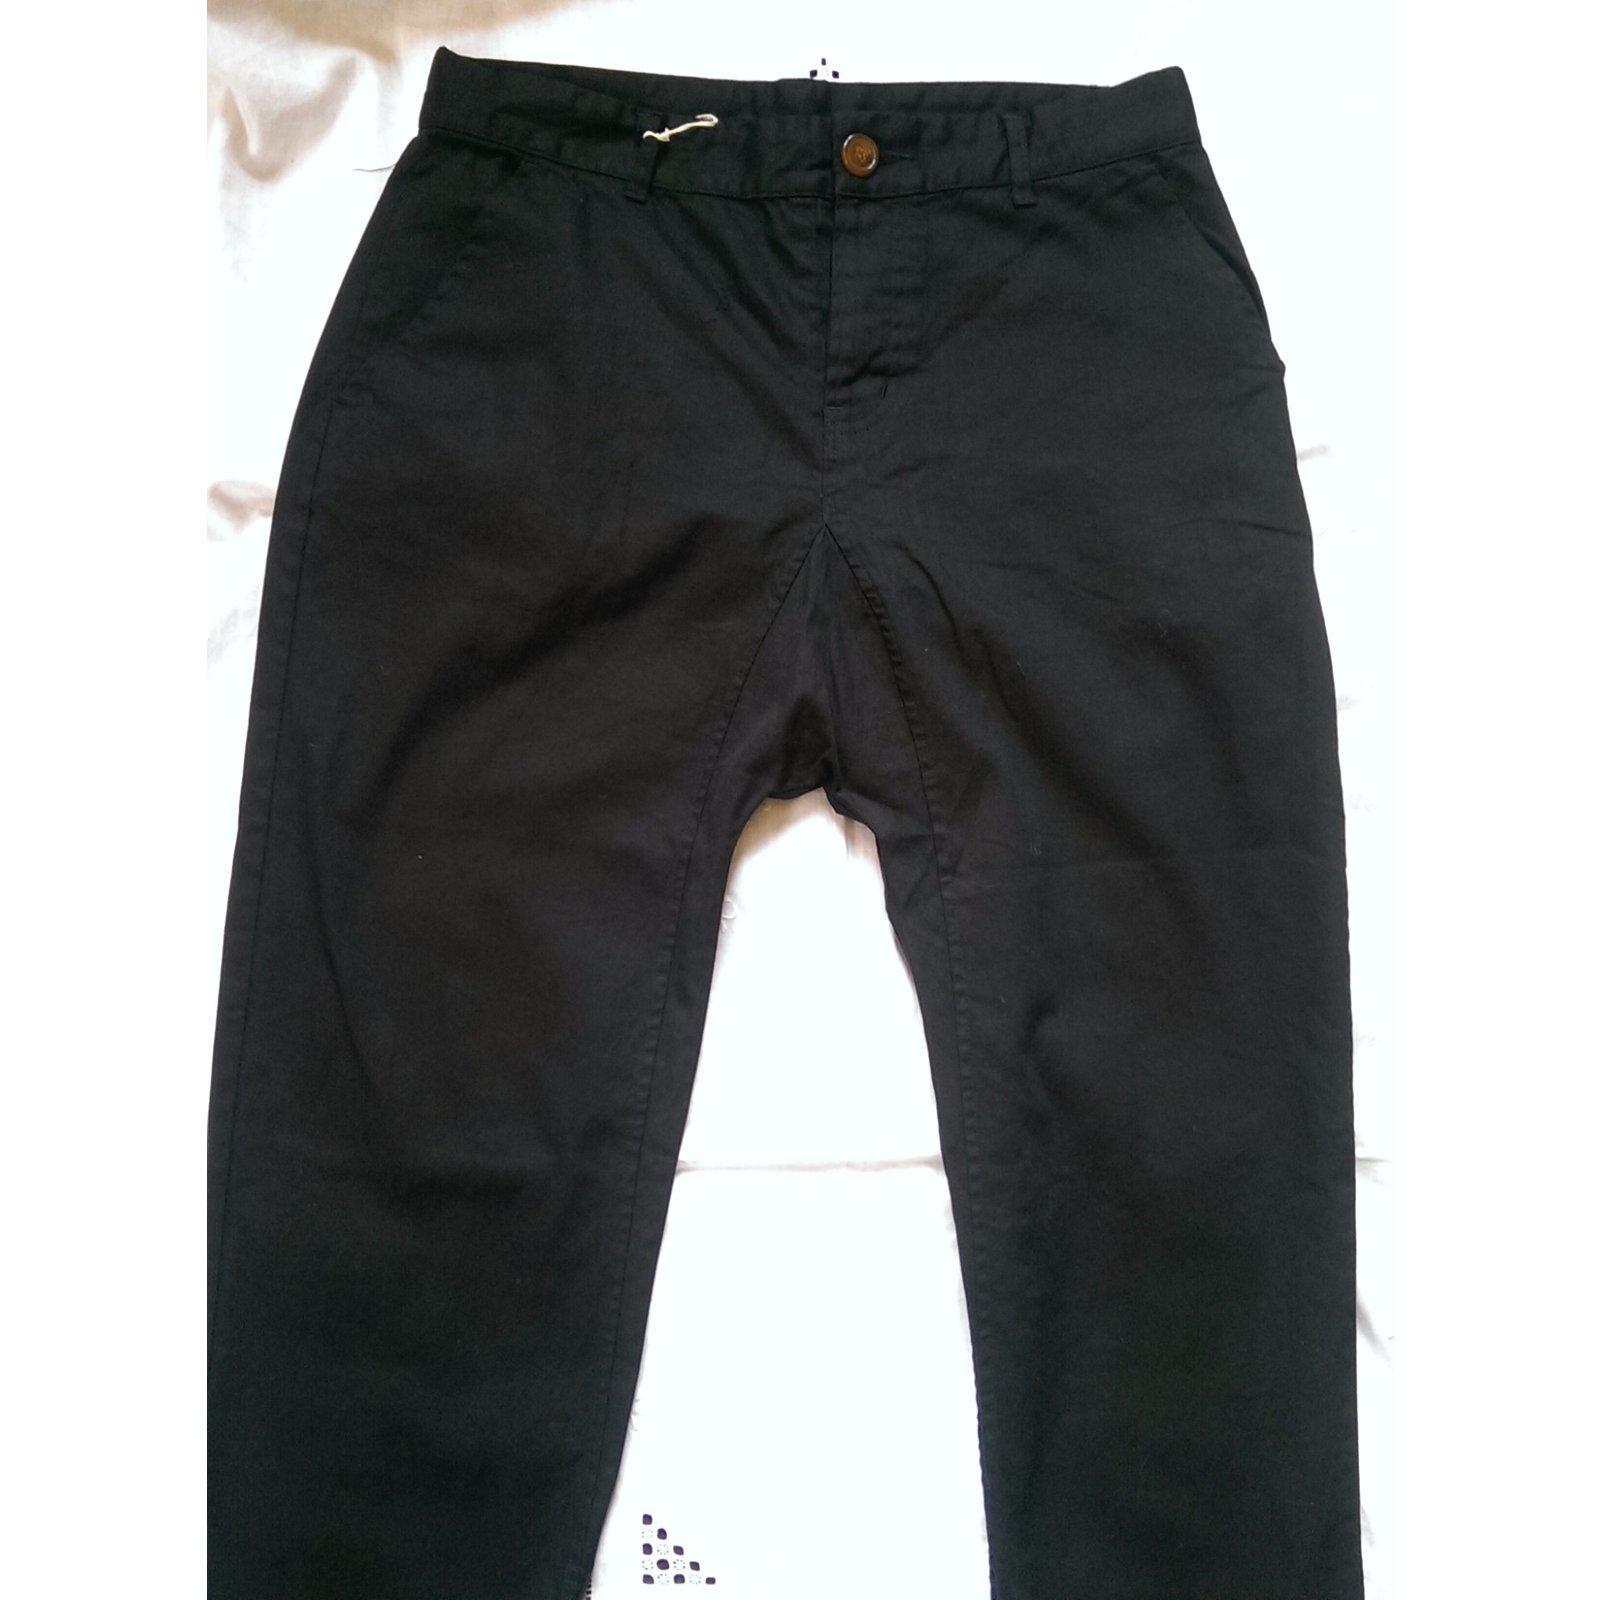 jeans homme vivienne westwood jean sarouel crop coton elasthane noir joli closet. Black Bedroom Furniture Sets. Home Design Ideas